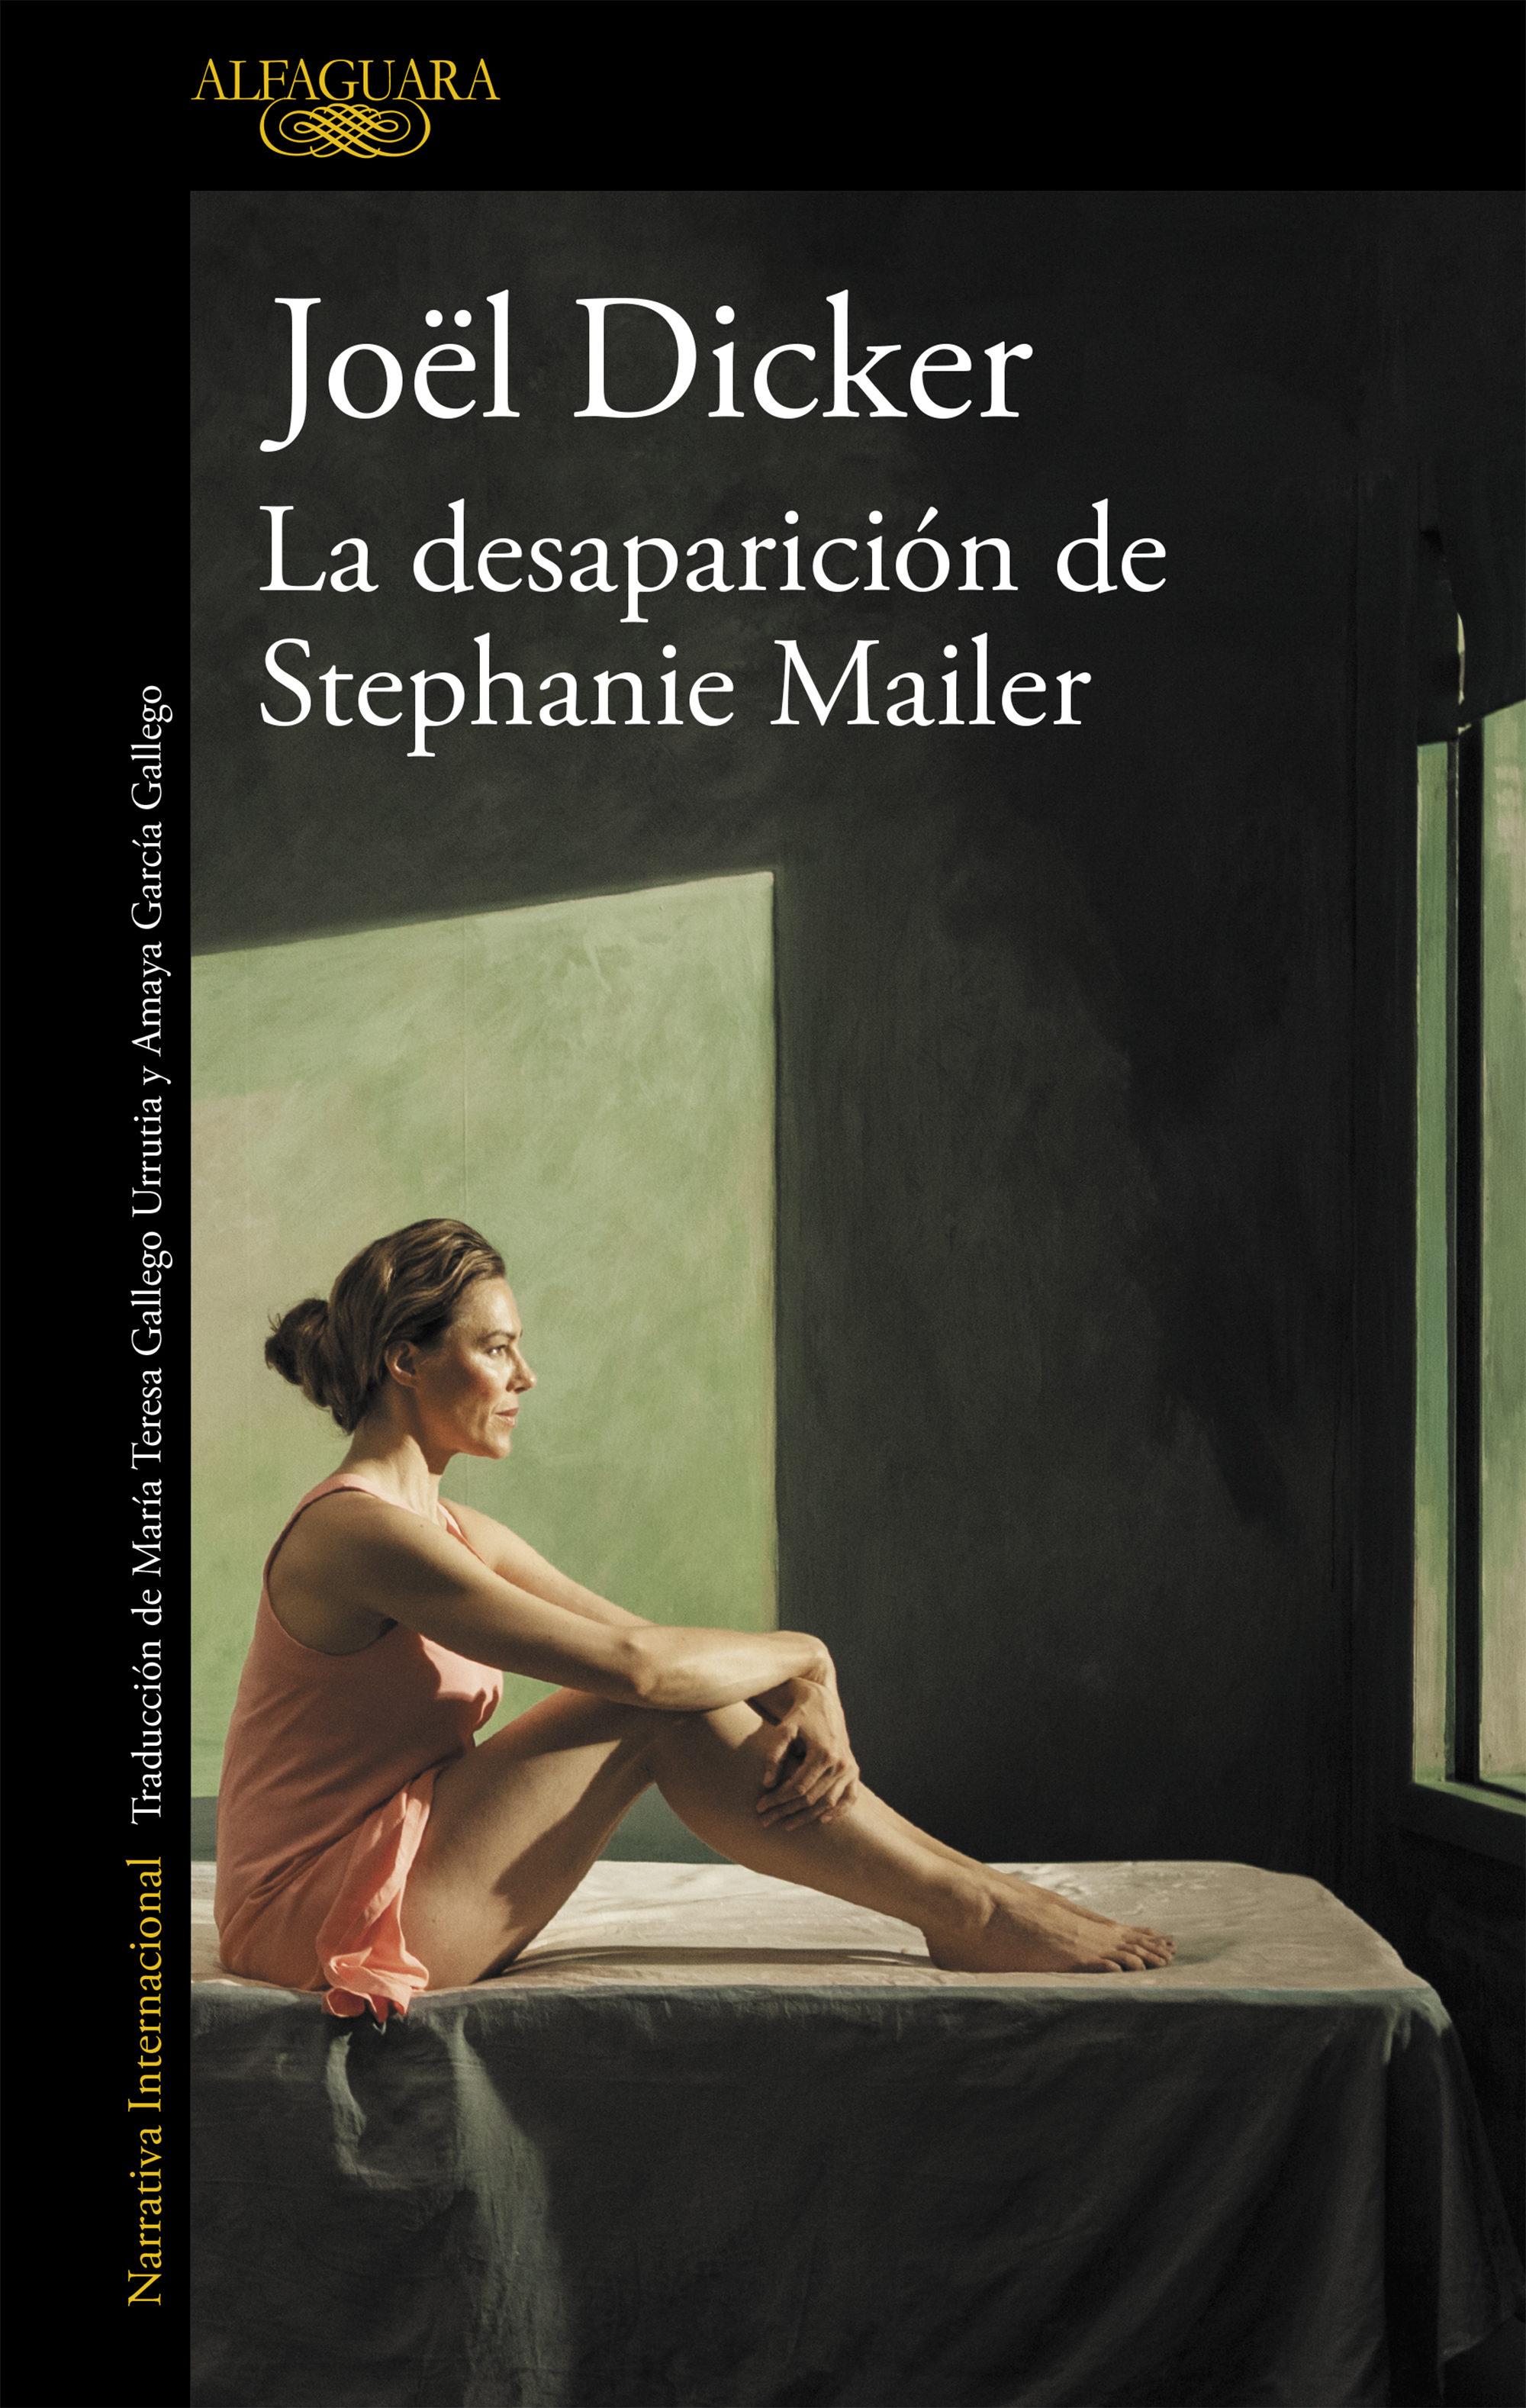 Libros recomendados: La desaparición de Stephanie Mailer (Joël Dicker)